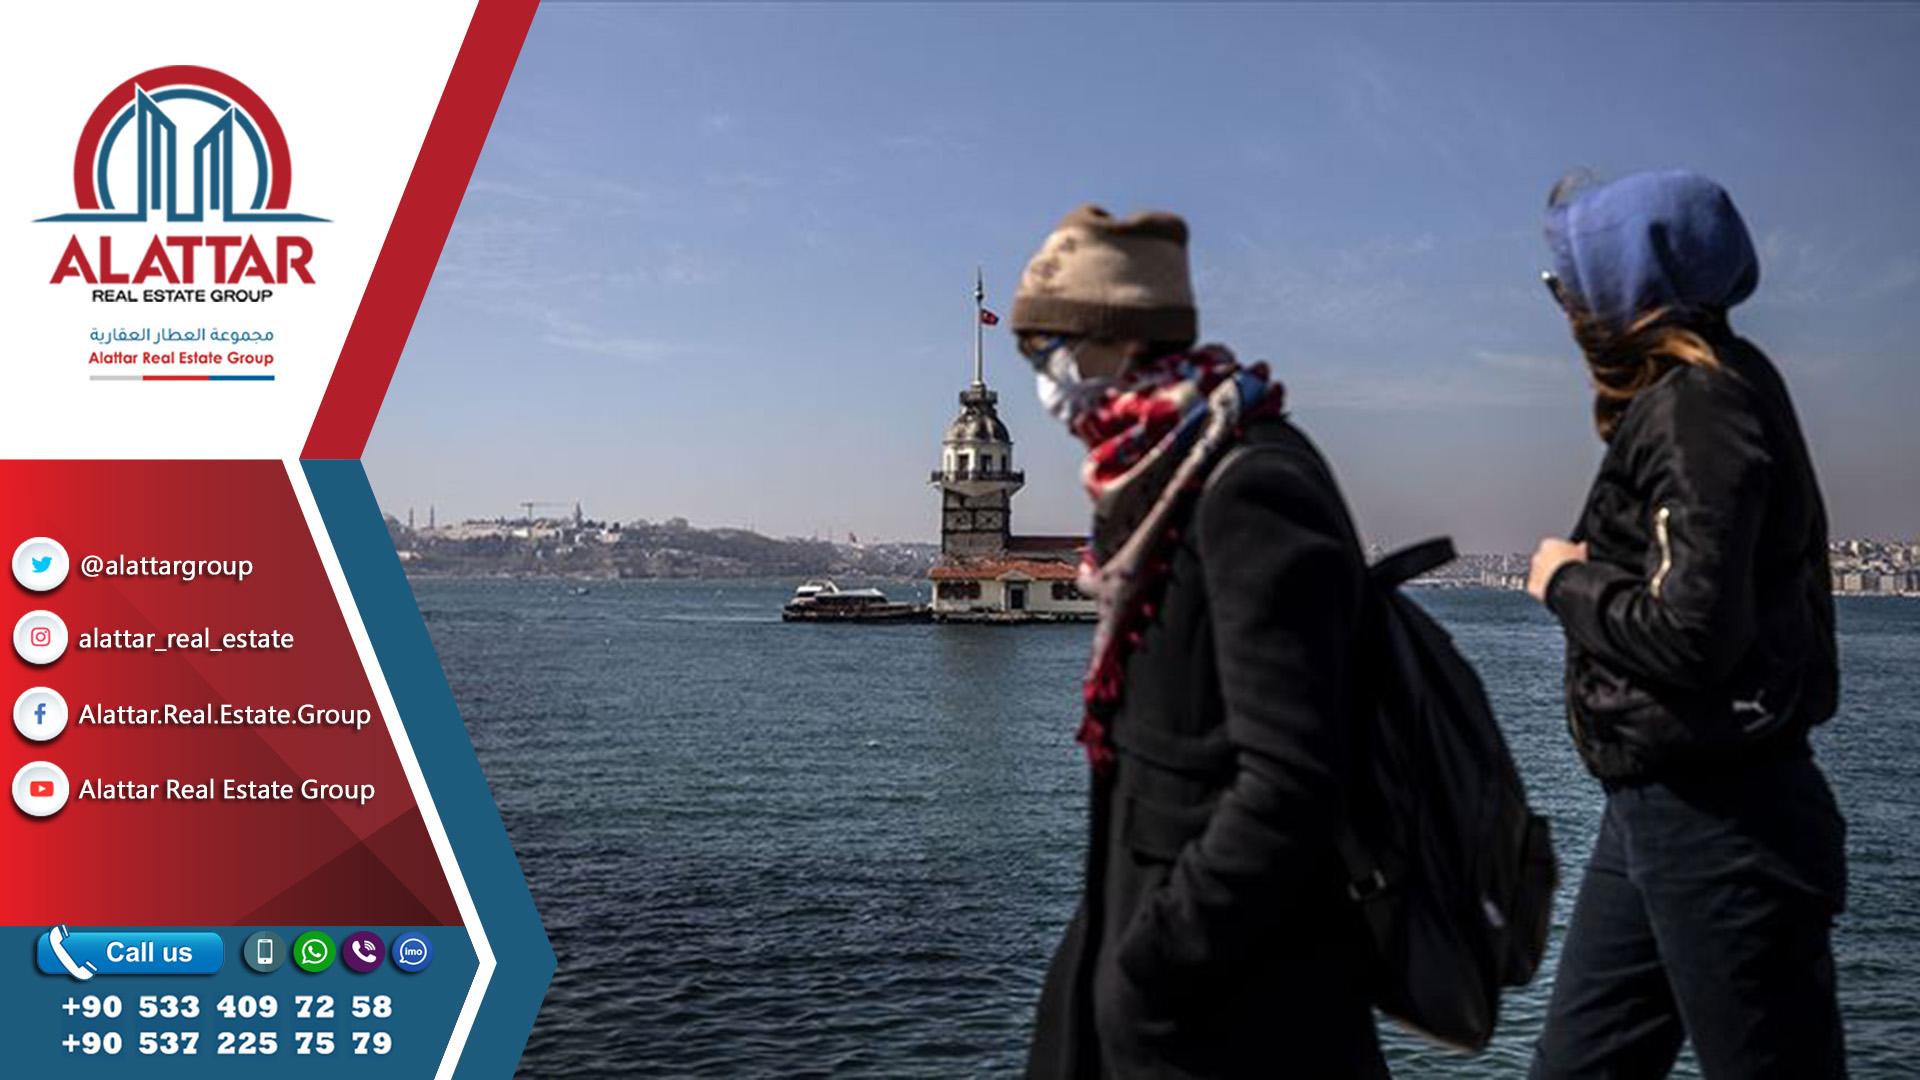 تركيا توزّع الكمامات الطبية على مواطنيها تصلهم بالبريد بالمجّان